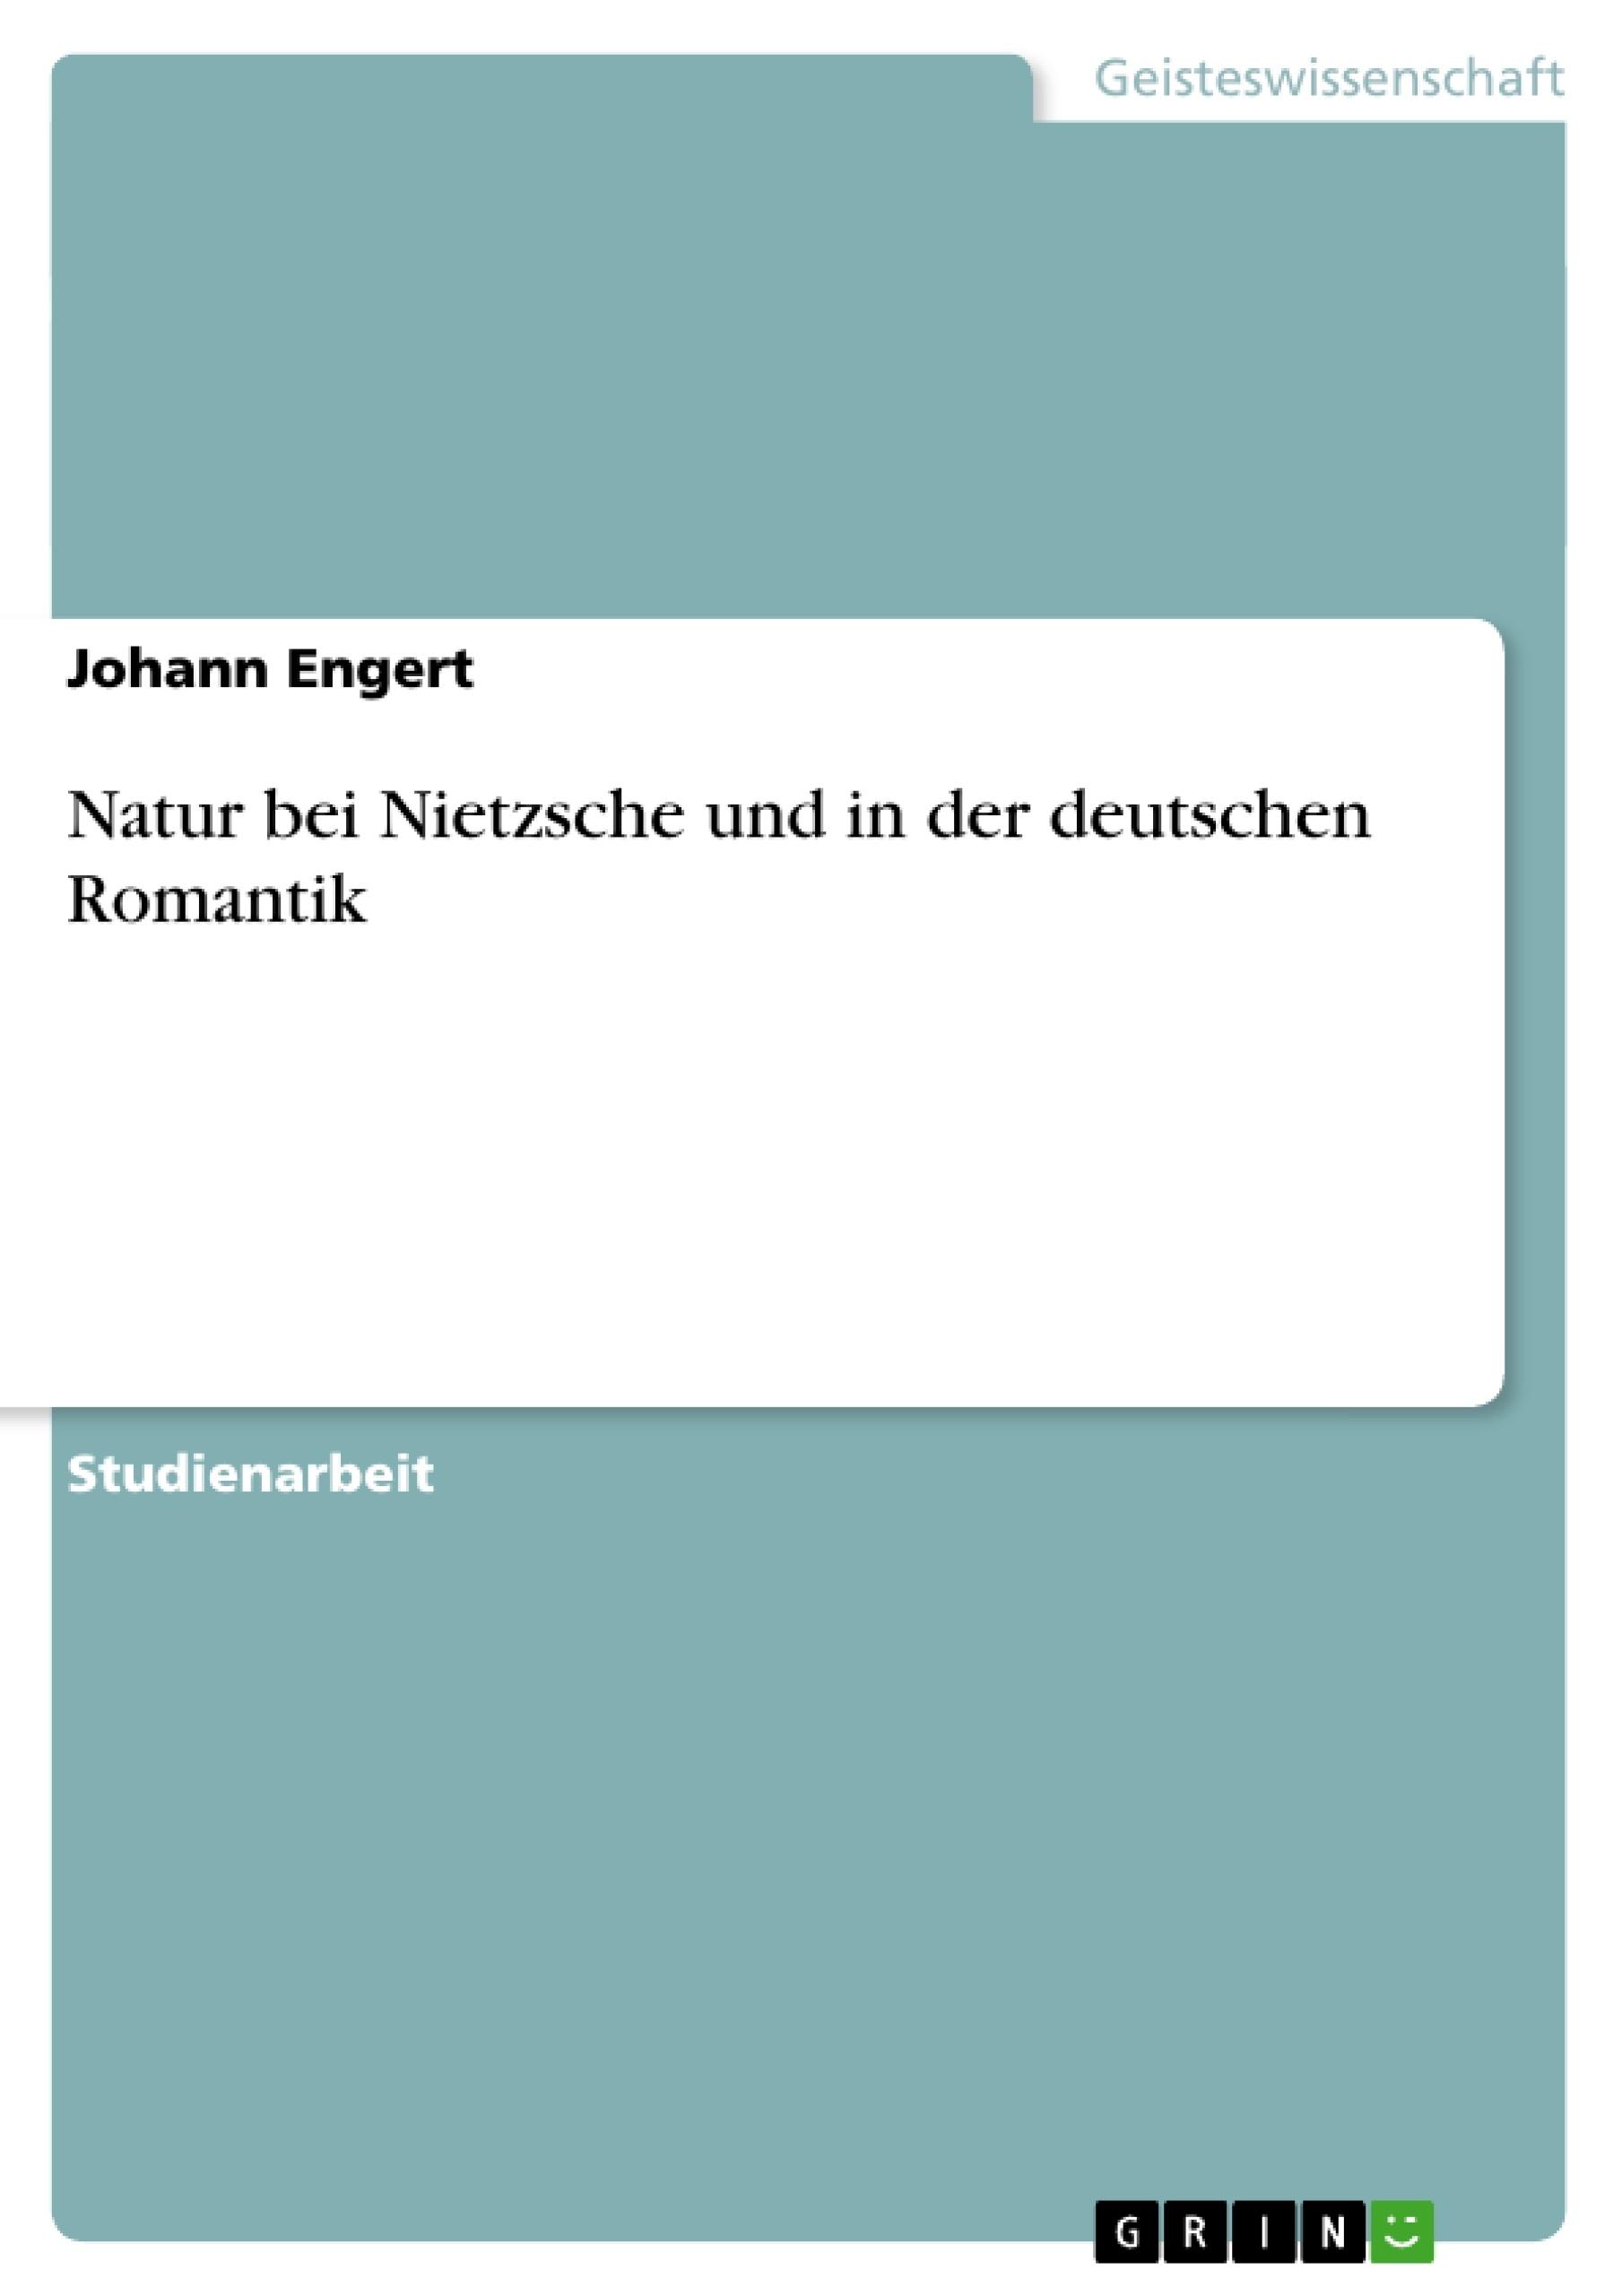 Titel: Natur bei Nietzsche und in der deutschen Romantik